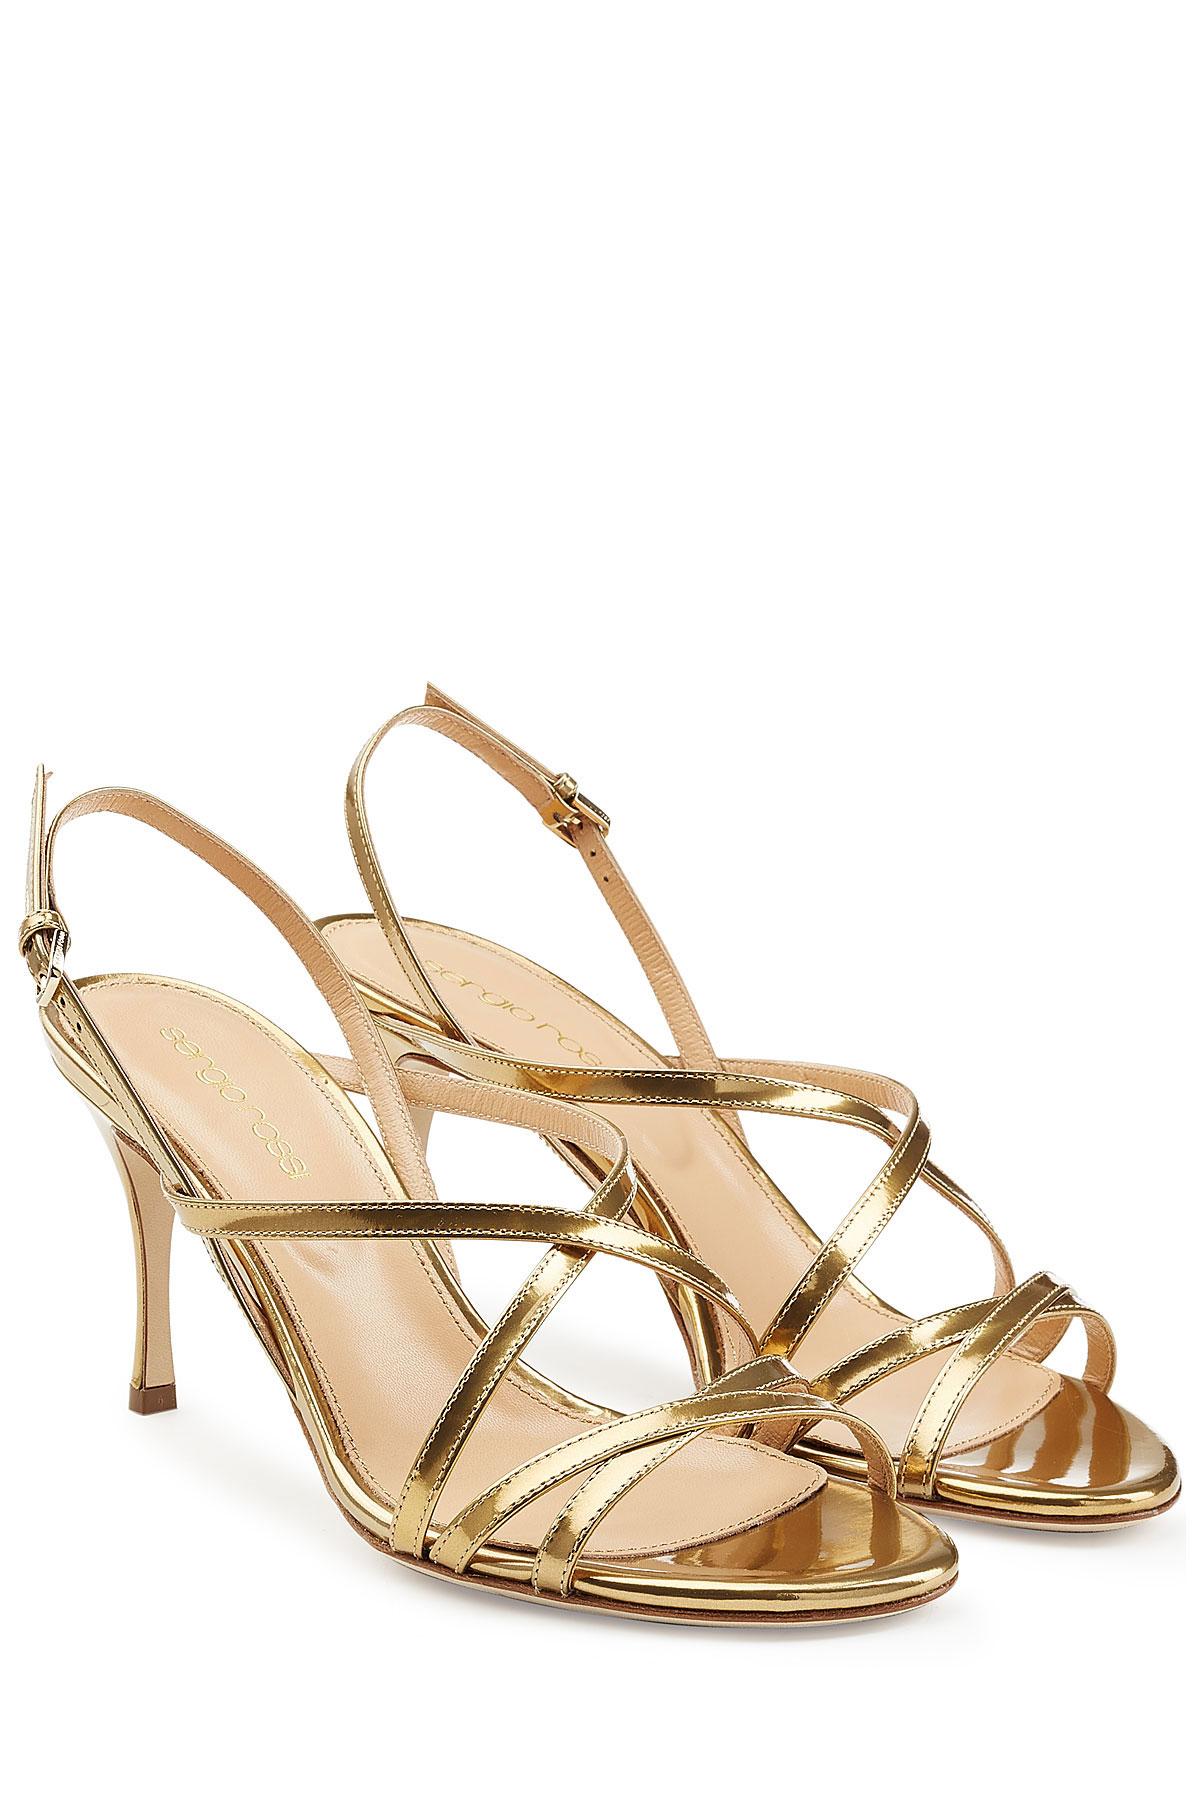 Womens sandals mid heel - Gallery